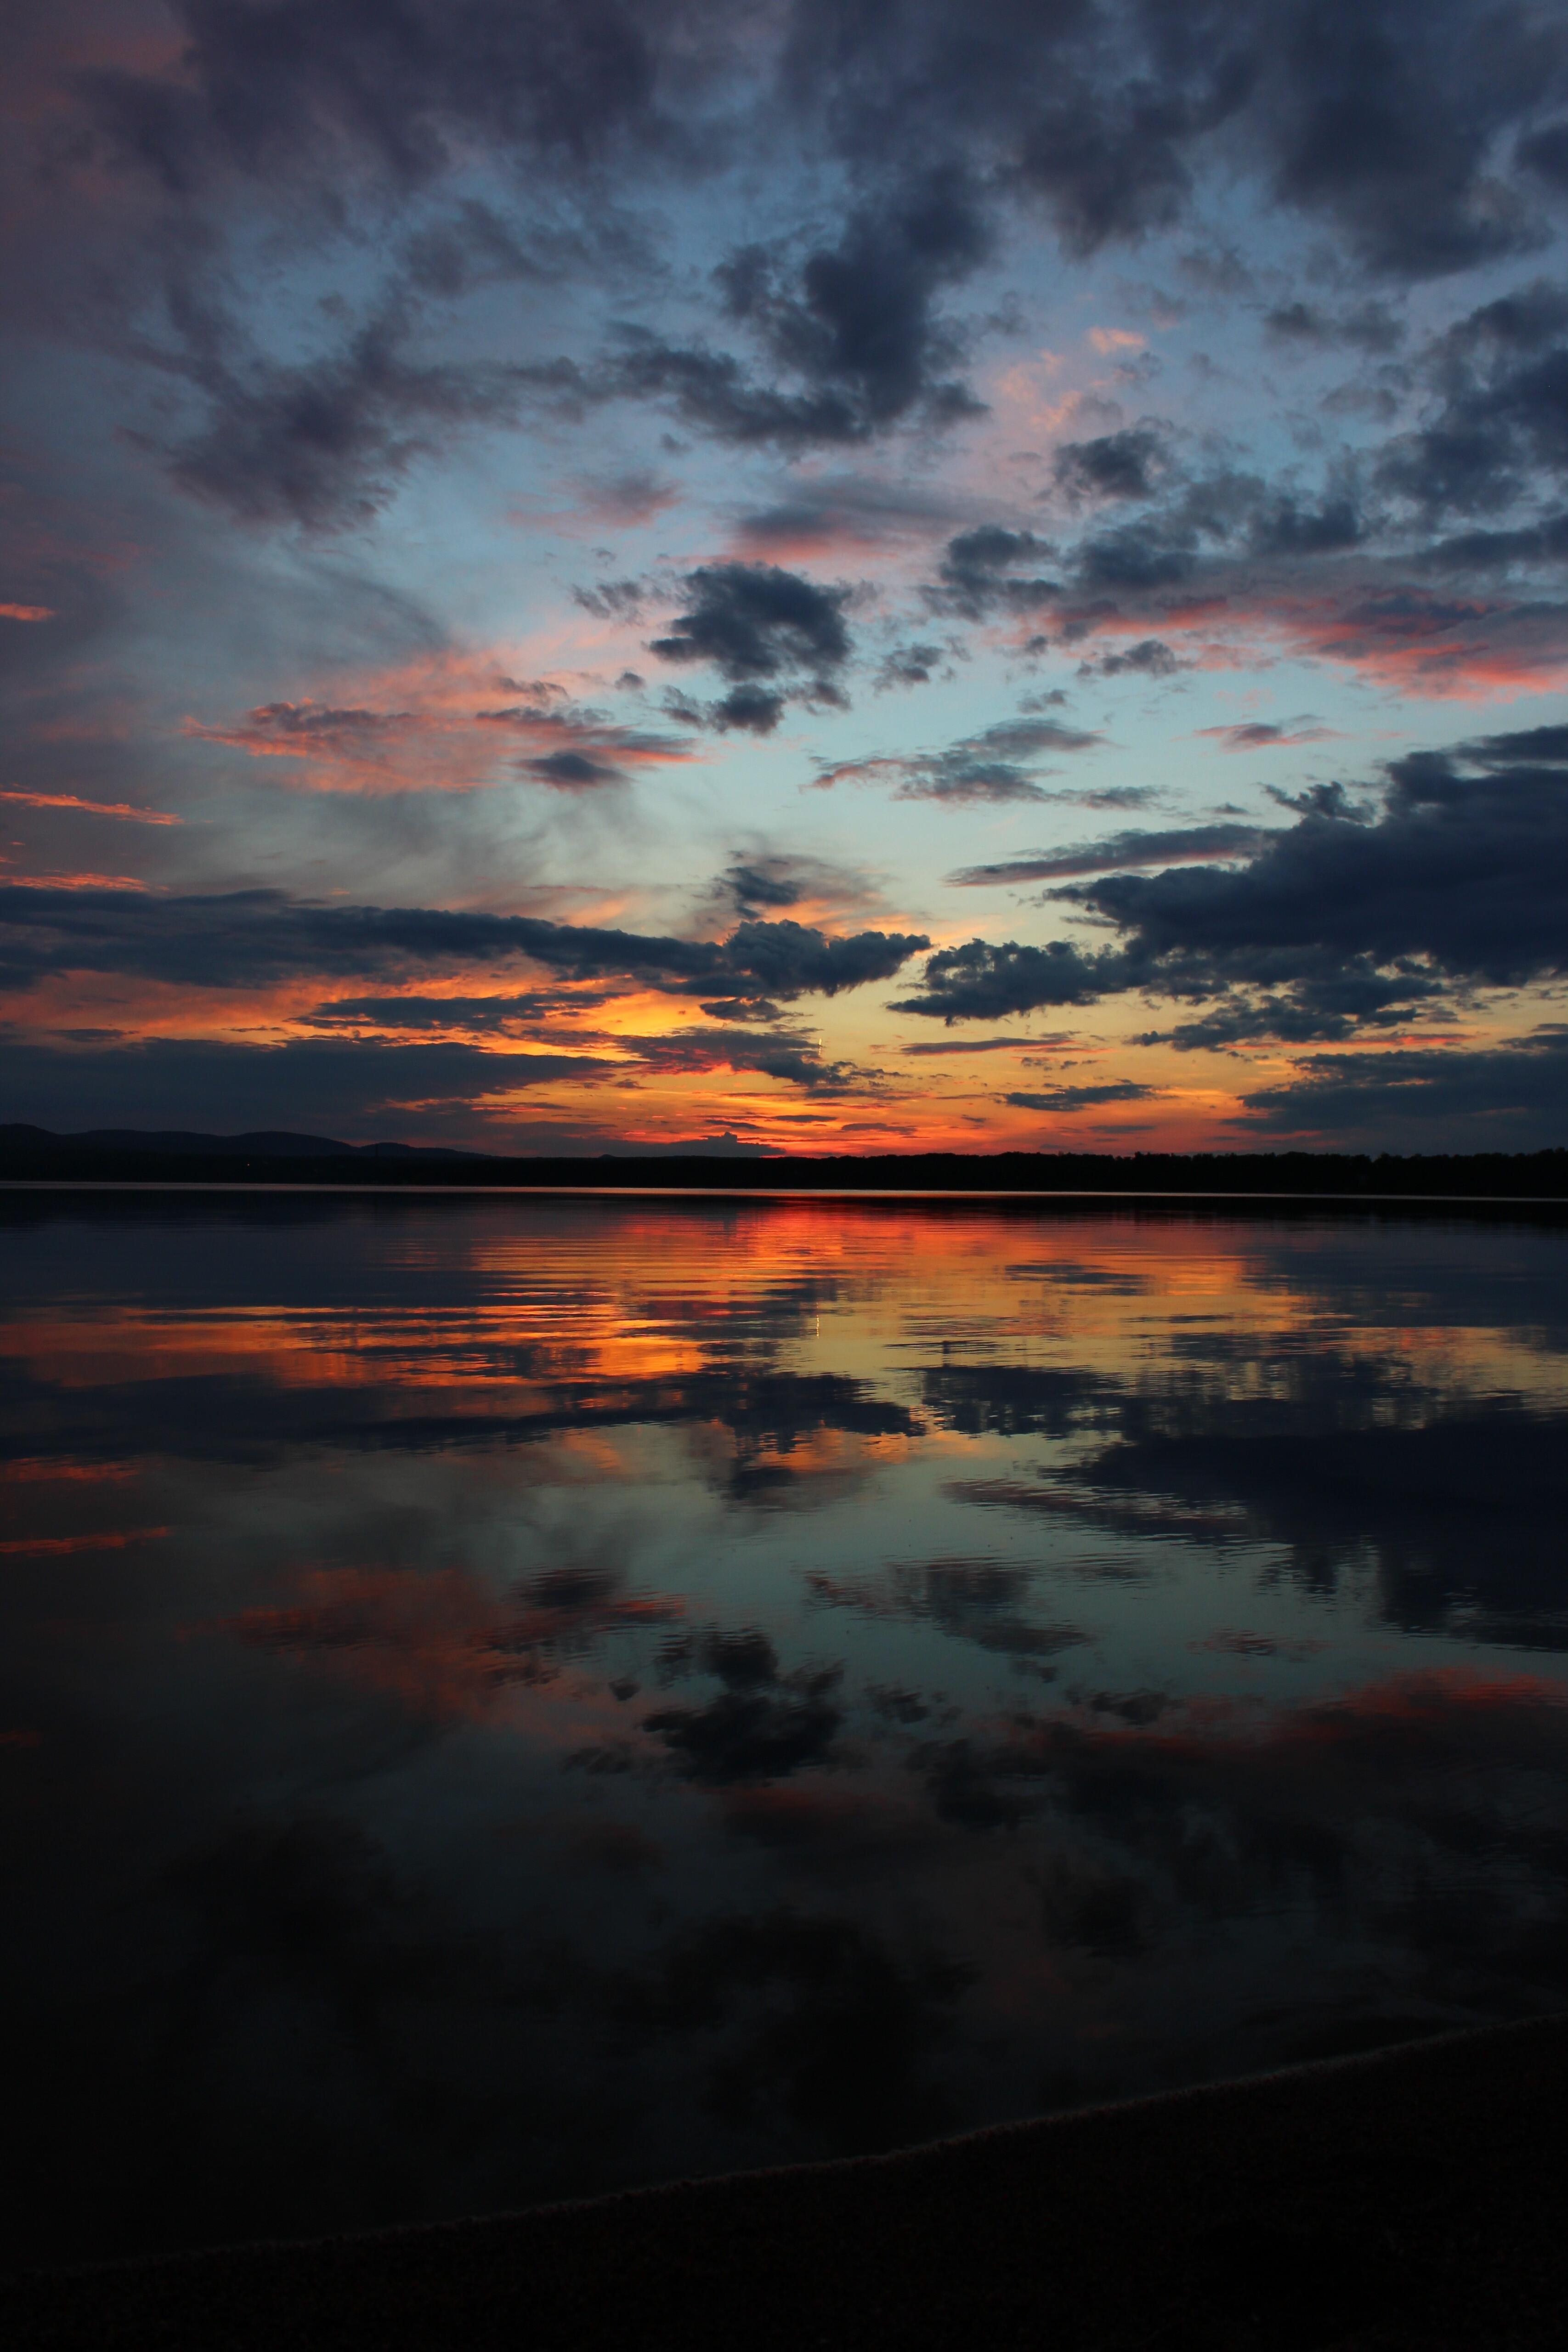 85098 Hintergrundbild 720x1280 kostenlos auf deinem Handy, lade Bilder Natur, Flüsse, Sunset, Sky, Horizont 720x1280 auf dein Handy herunter